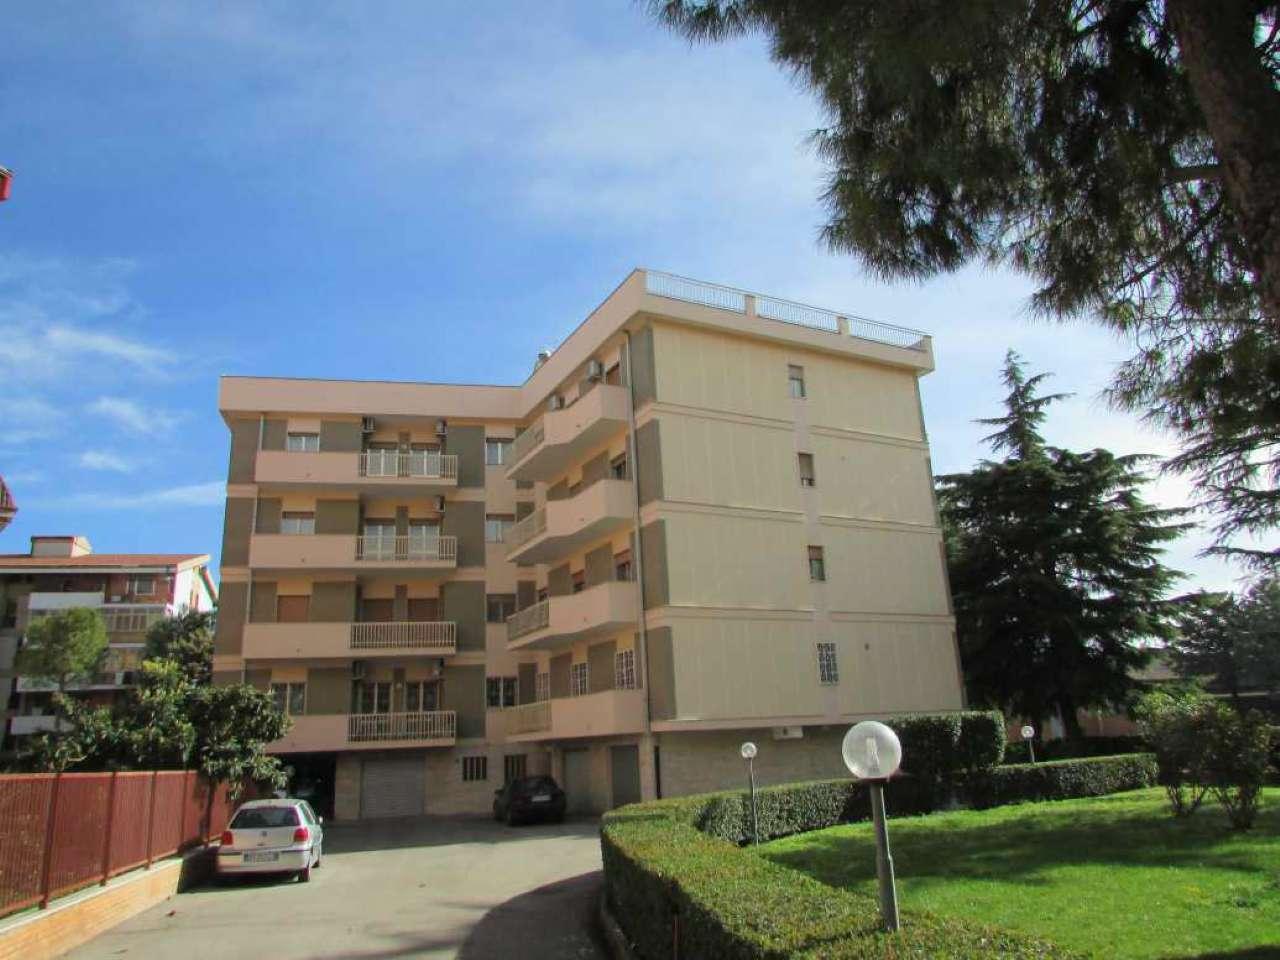 Appartamento in vendita a Foggia, 5 locali, prezzo € 228.000 | CambioCasa.it